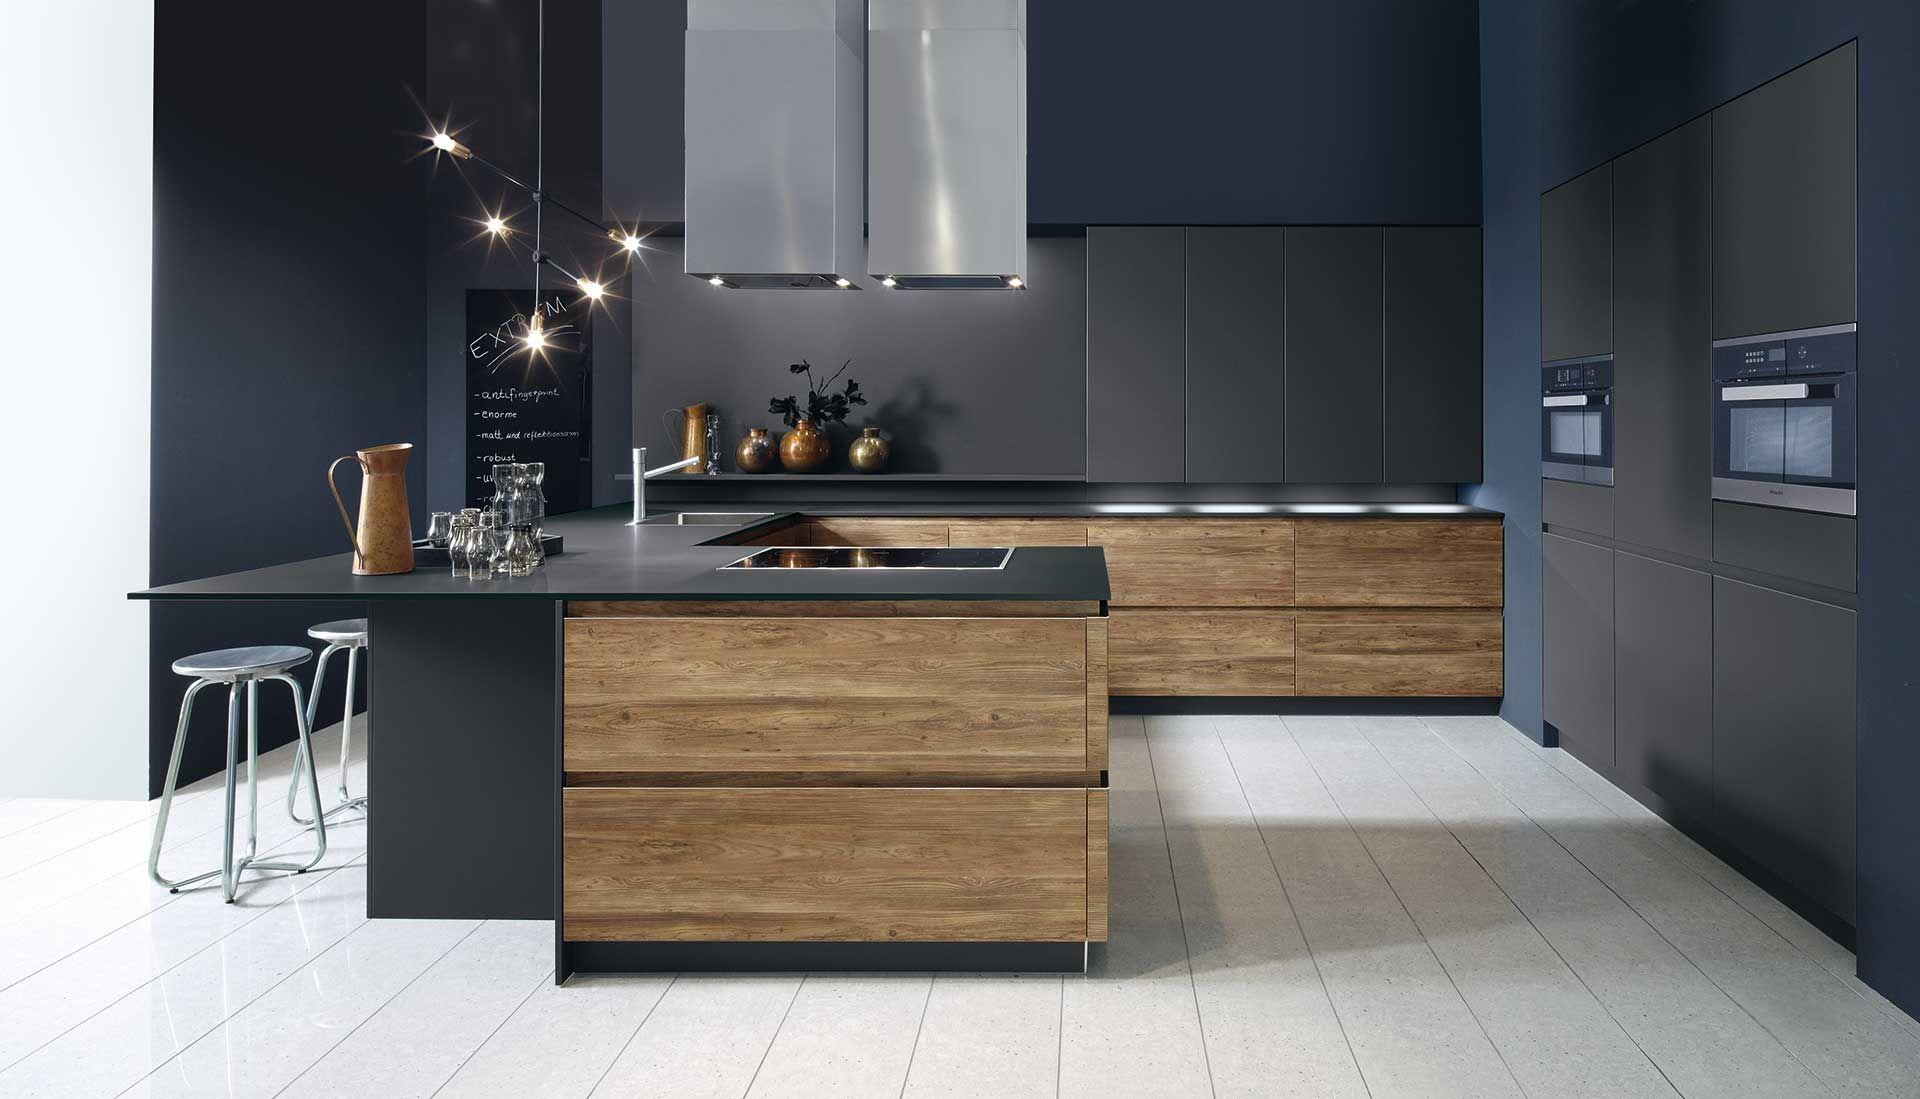 Deze moderne keuken bevat het perfecte contrast tussen donker en